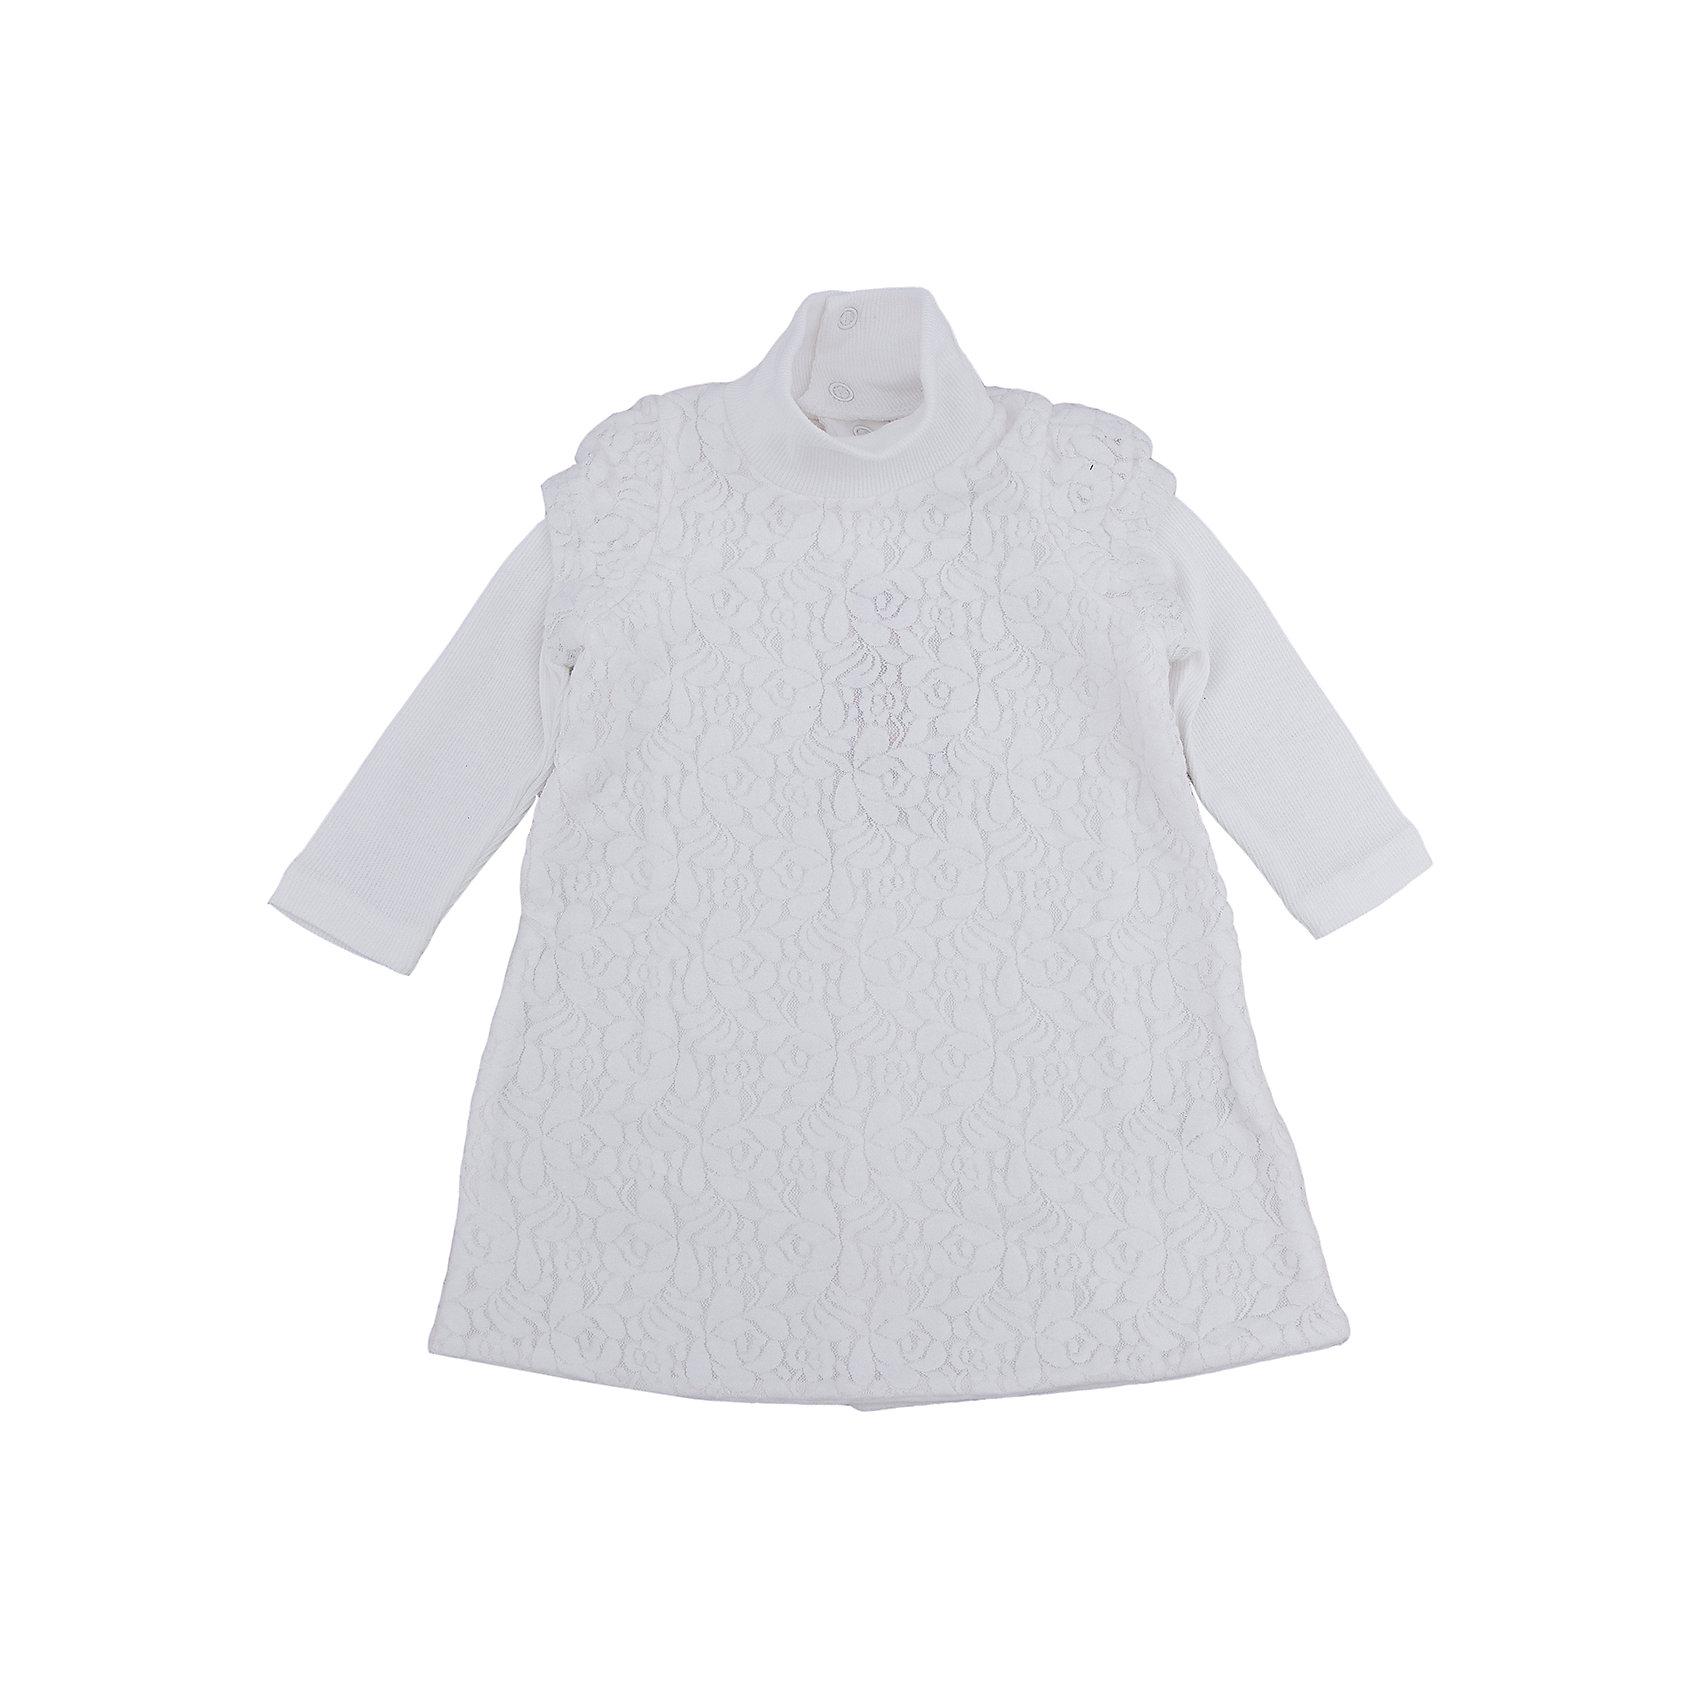 Нарядное платье для девочки PlayTodayПлатья<br>Характеристики:<br><br>• Вид одежды: платье<br>• Предназначение: праздничное платье<br>• Сезон: круглый год<br>• Материал: 45% полиамид, 45% хлопок, 10% эластан<br>• Цвет: белый<br>• Силуэт: прямой <br>• Длина платья: миди<br>• Рукав: длинный<br>• Вырез горловины и воротник: высокий воротник-стойка<br>• Застежка: кнопки по всей длине платья на спинке<br>• Особенности ухода: ручная стирка без применения отбеливающих средств, глажение при низкой температуре <br><br>PlayToday – это линейка детской одежды, которая предназначена как для повседневности, так и для праздников. Большинство моделей выполнены в классическом стиле, сочетающем в себе традиции с яркими стильными элементами и аксессуарами. Весь ассортимент одежды сочетается между собой по стилю и цветовому решению, поэтому Вам будет легко сформировать гардероб вашего ребенка, который отражает его индивидуальность. <br>Платье для девочки PlayToday выполнено из сочетания полиамида, хлопка и эластана. У платья круглая горловина, высокий воротник-стойка и длинный рукав, оформленный фонариком. Выполнено в классическом стиле: прямой силуэт придает платью особое очарование, а фактура ткани – стиль и изящество. Платье легко надевать и снимать, сзади предусмотрены застежки по всей длине изделия. Платье для девочки PlayToday – это стиль, качество и элегантность!<br><br>Платье для девочки PlayToday можно купить в нашем интернет-магазине.<br><br>Ширина мм: 236<br>Глубина мм: 16<br>Высота мм: 184<br>Вес г: 177<br>Цвет: белый<br>Возраст от месяцев: 6<br>Возраст до месяцев: 9<br>Пол: Женский<br>Возраст: Детский<br>Размер: 74,92,86,80<br>SKU: 5059431